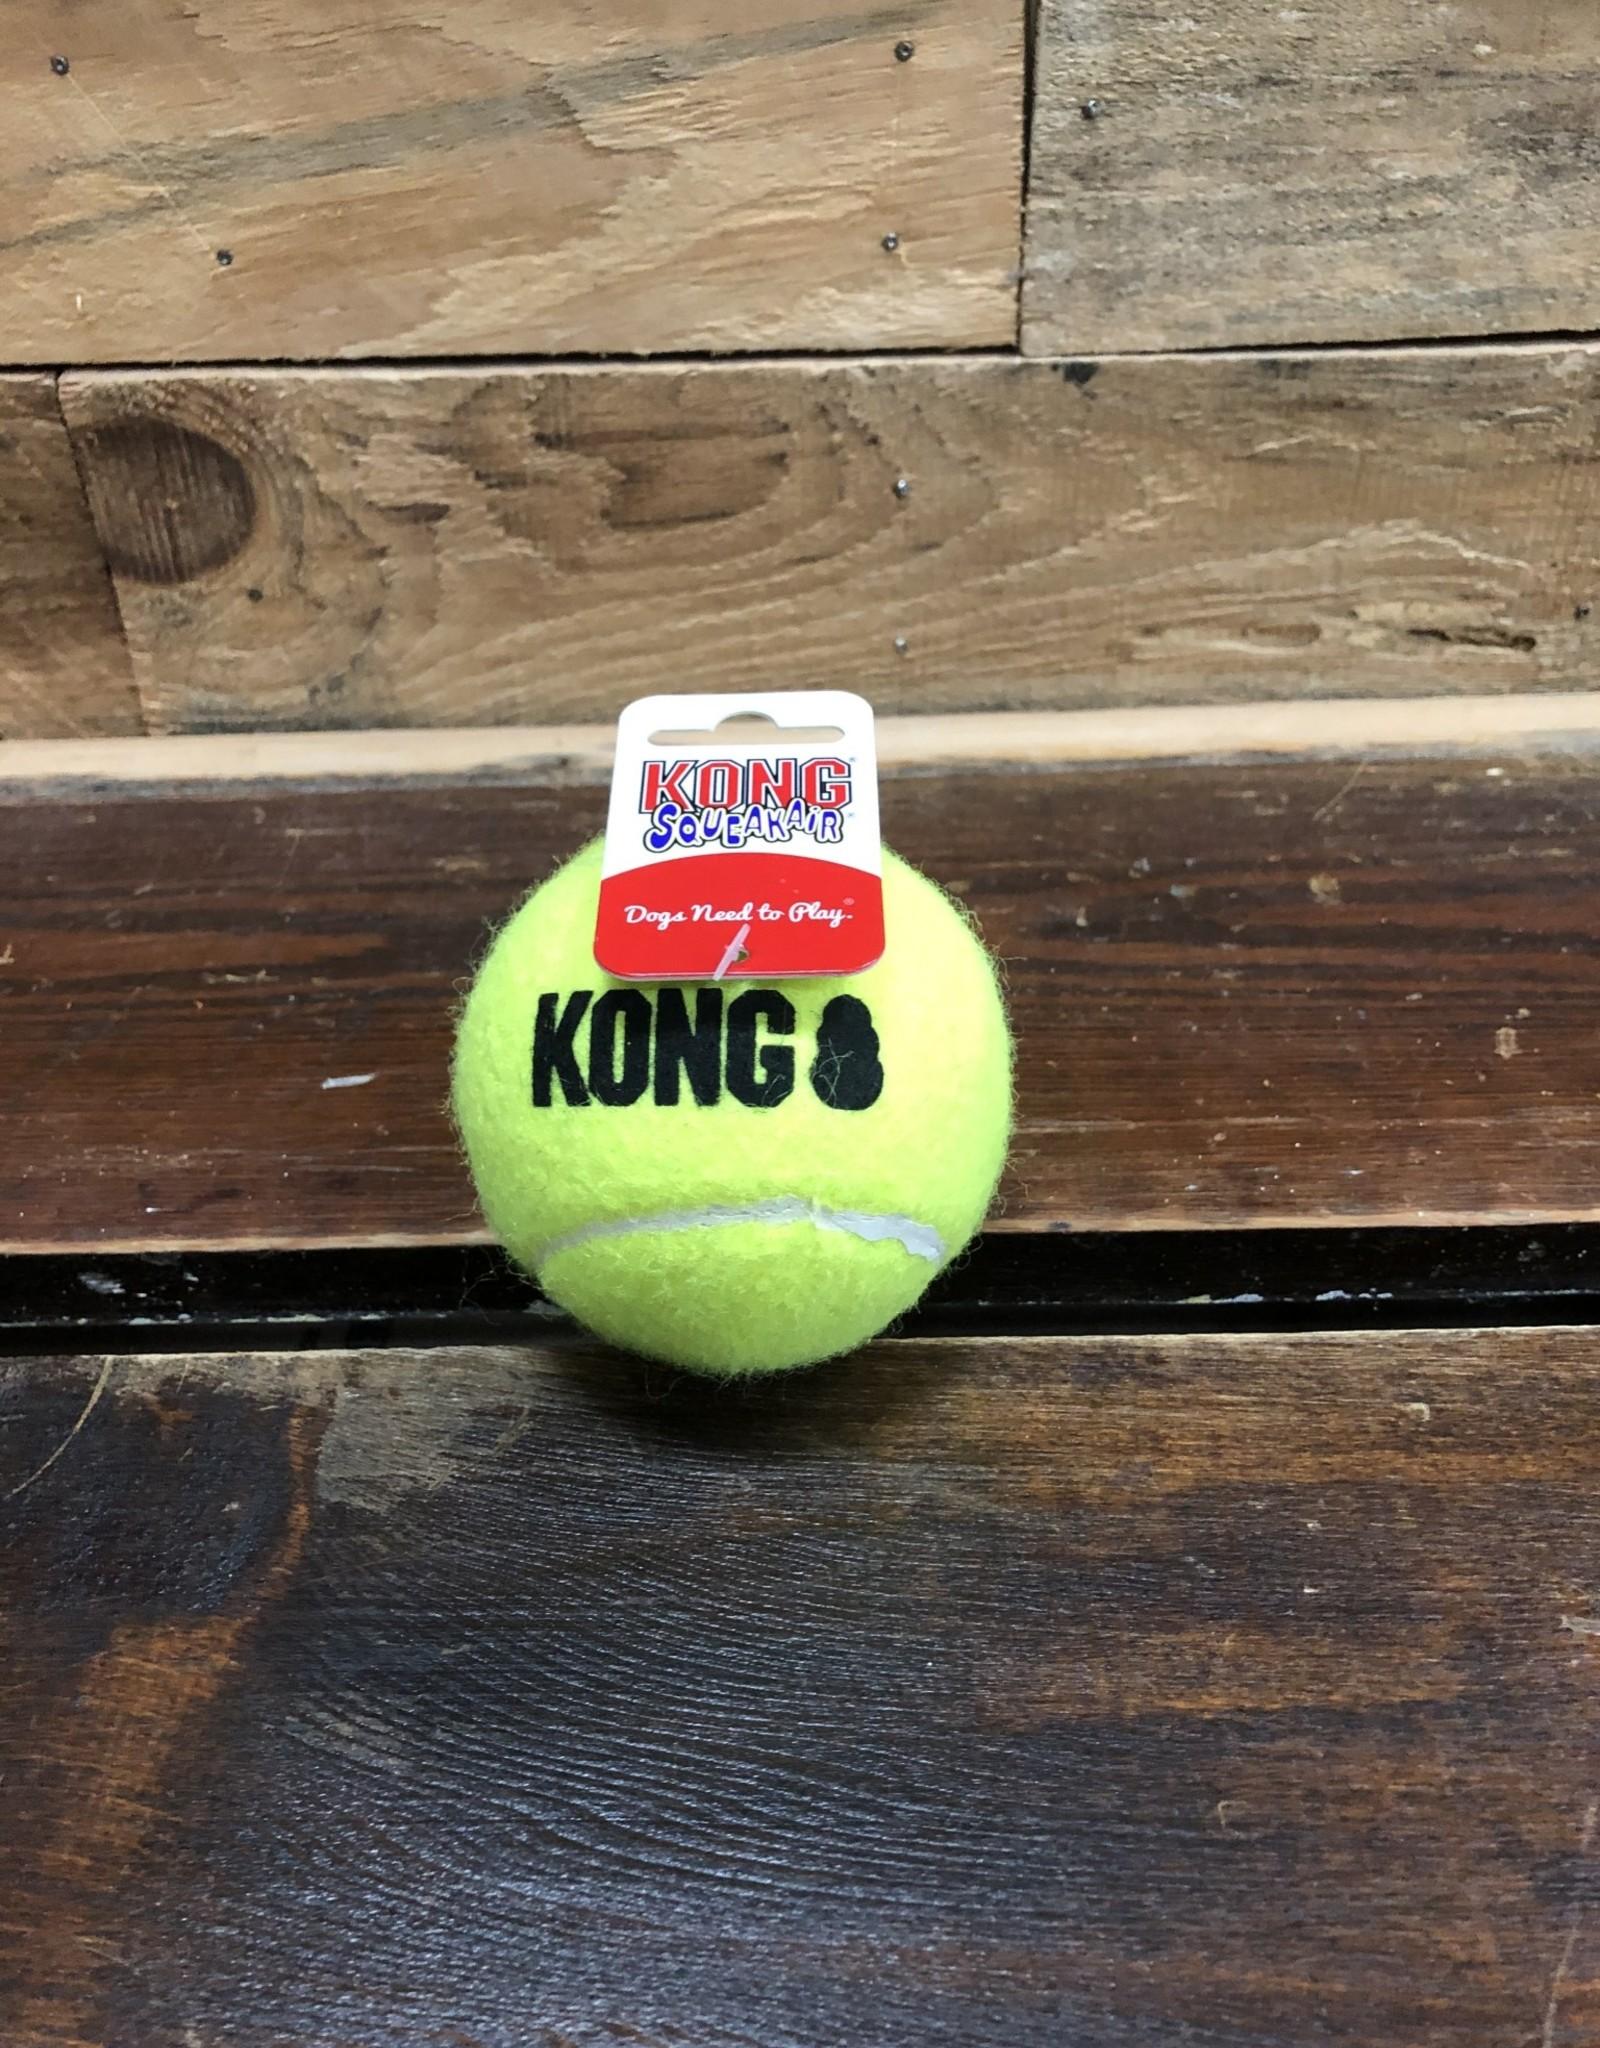 Kong AIR DOG  SQUEAKER TENNIS BAll MEDIUM